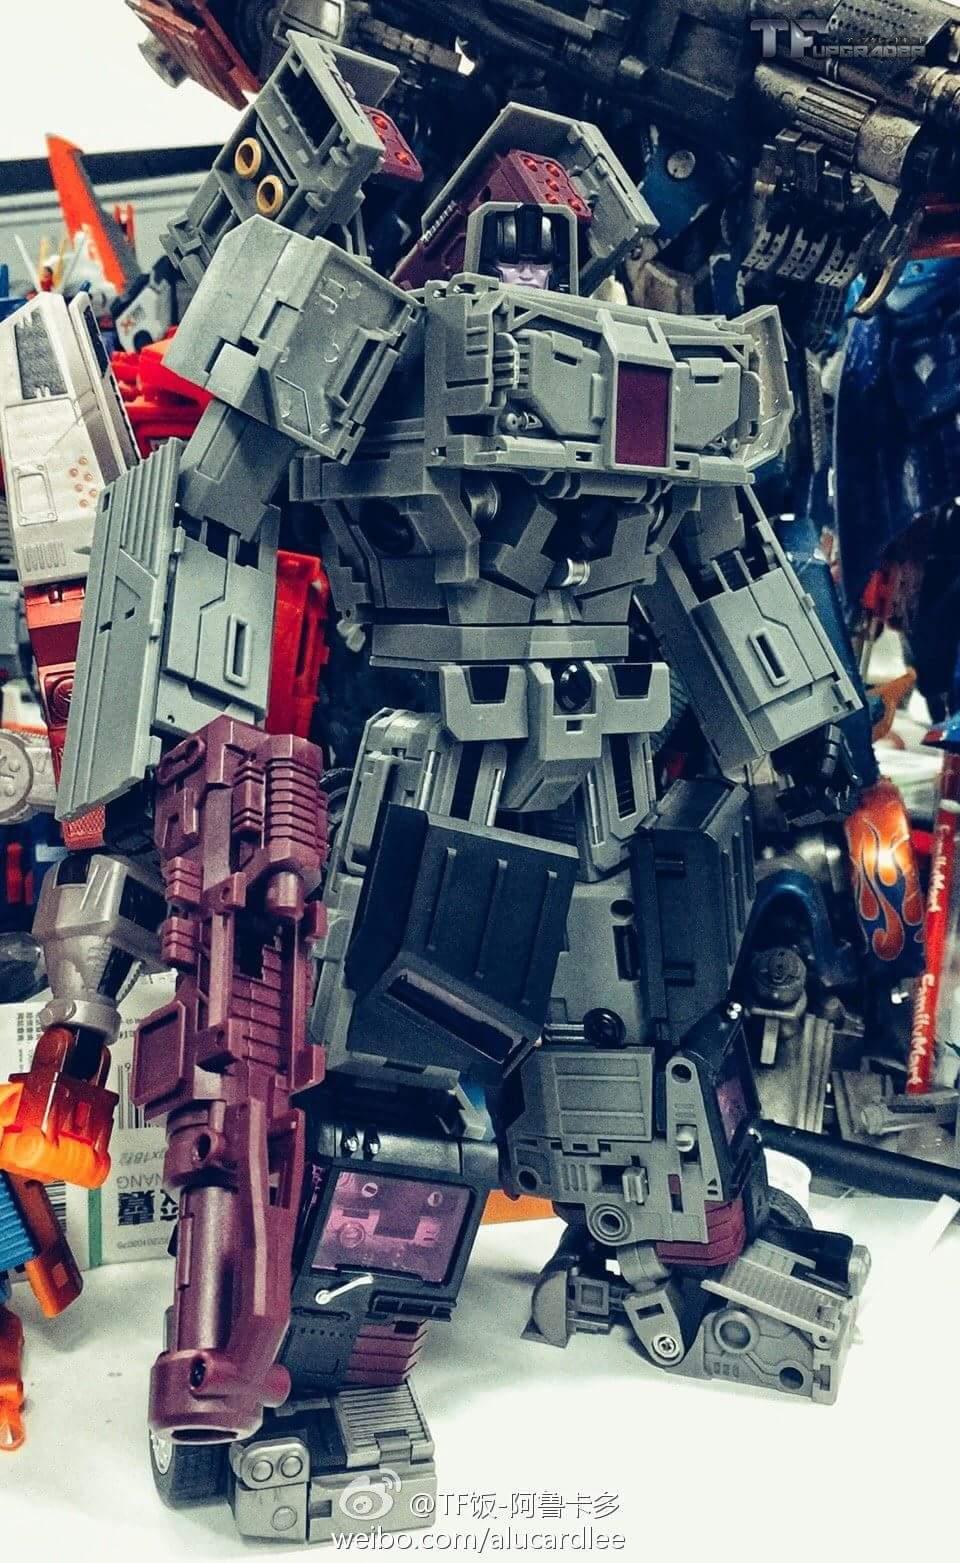 [Transform Mission] Produit Tiers - Jouet M-01 AutoSamurai - aka Menasor/Menaseur des BD IDW - Page 4 DWsrUy1H